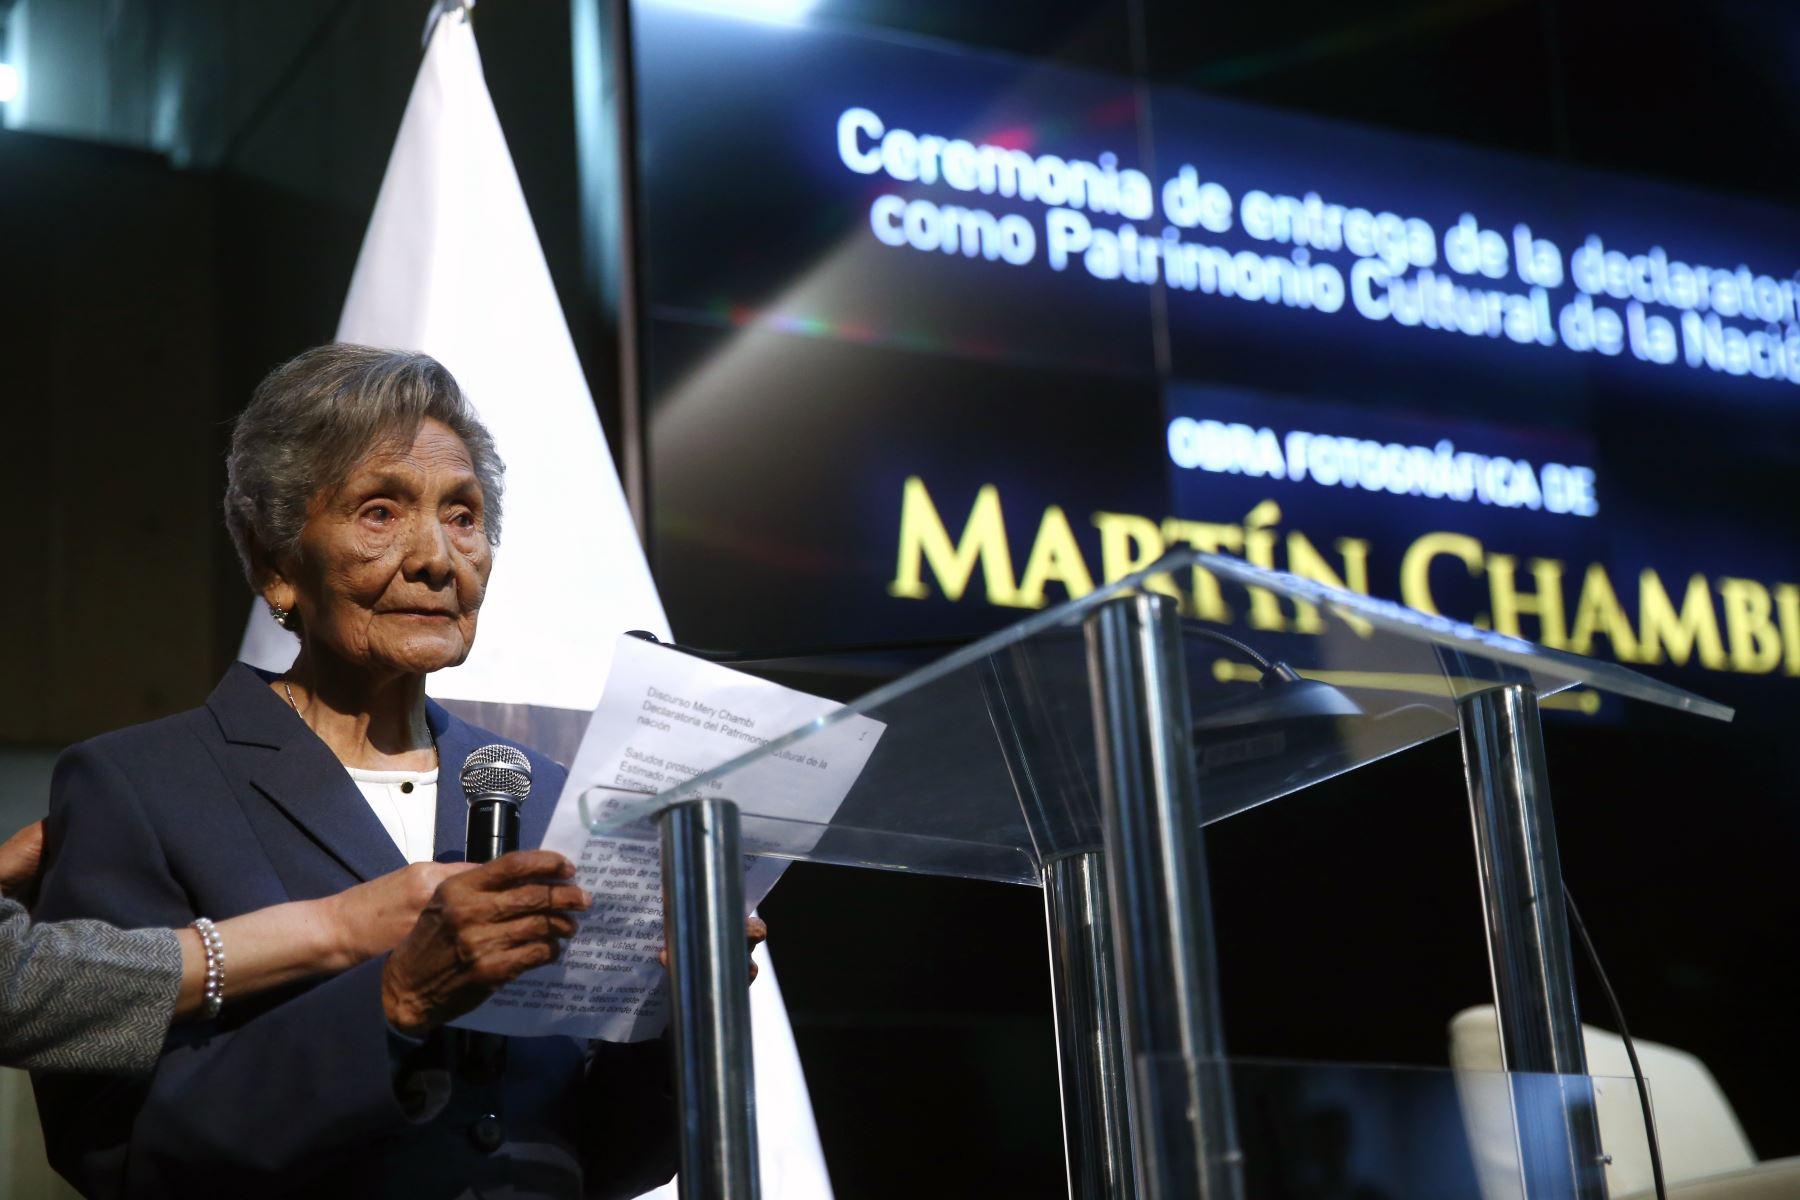 Mari Chambi, Ministerio de Cultura entrega la resolución Viceministerial correspondiente a la declaratoria de la obra fotográfica de Martín Chambi como patrimonio Cultural de la Nación. Foto: ANDINA/Vidal Tarqui